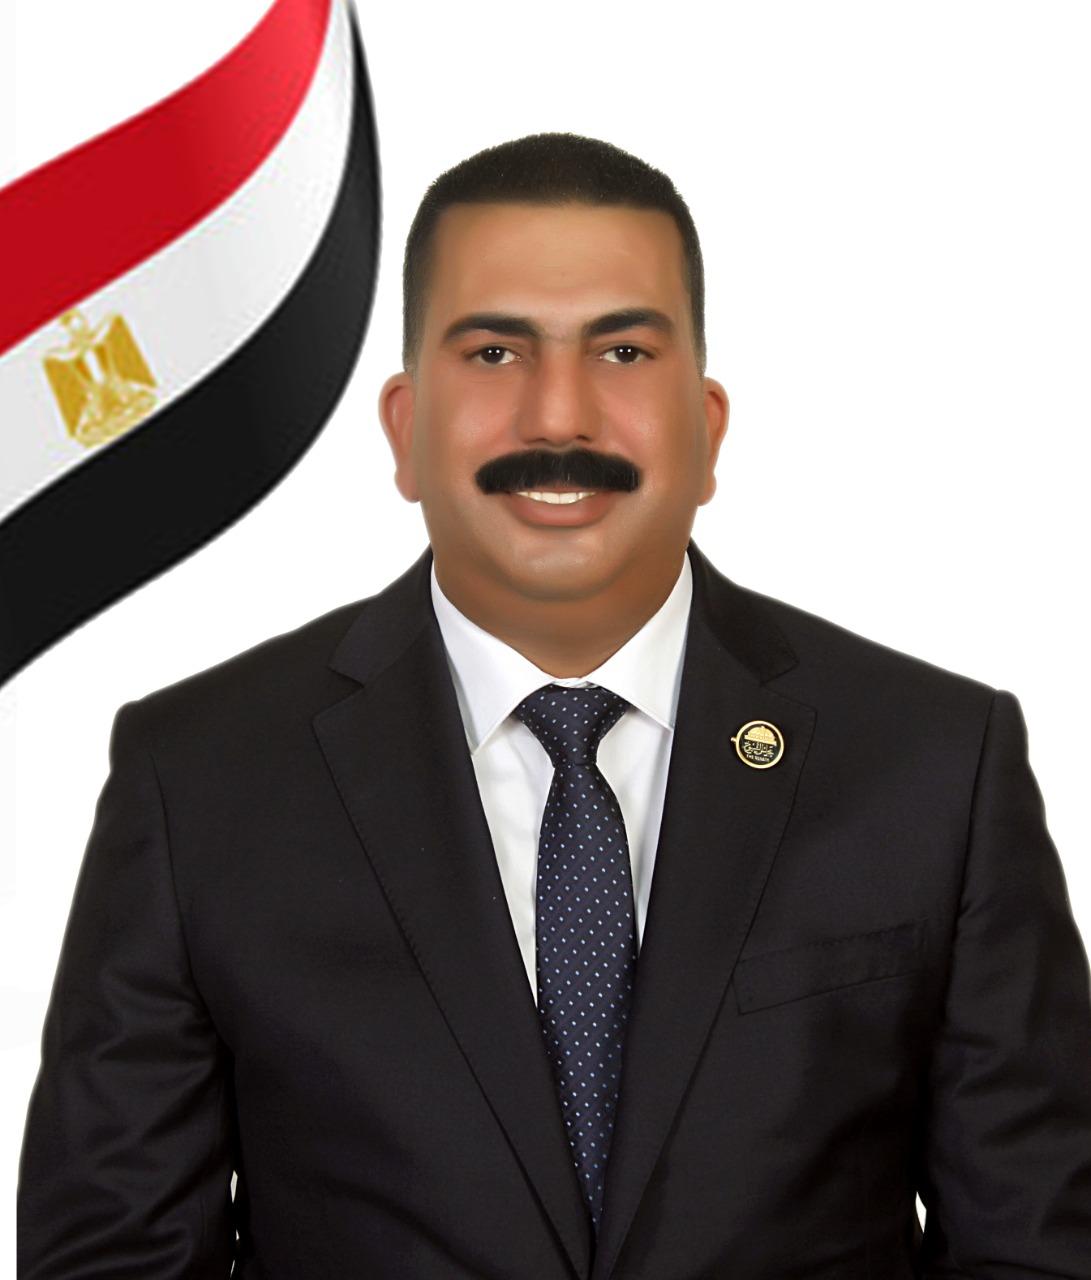 أدى اليوم النائب هشام سويلم اليمين الدستورية نائبا بمجلس الشيوخ